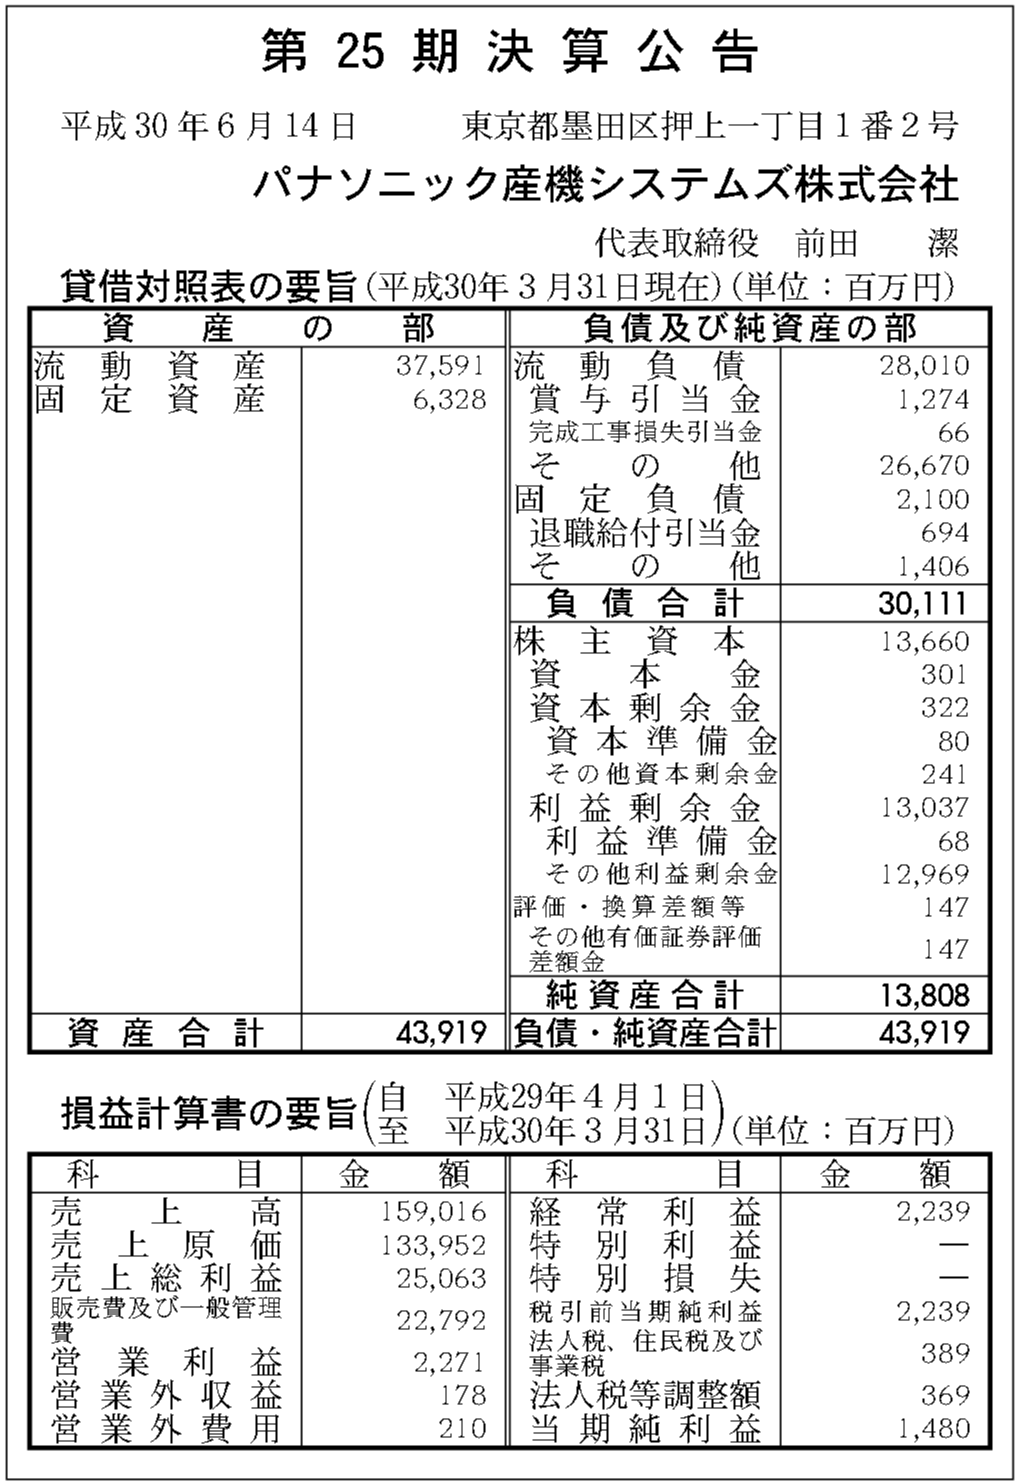 パナソニック 産 機 システムズ 株式 会社